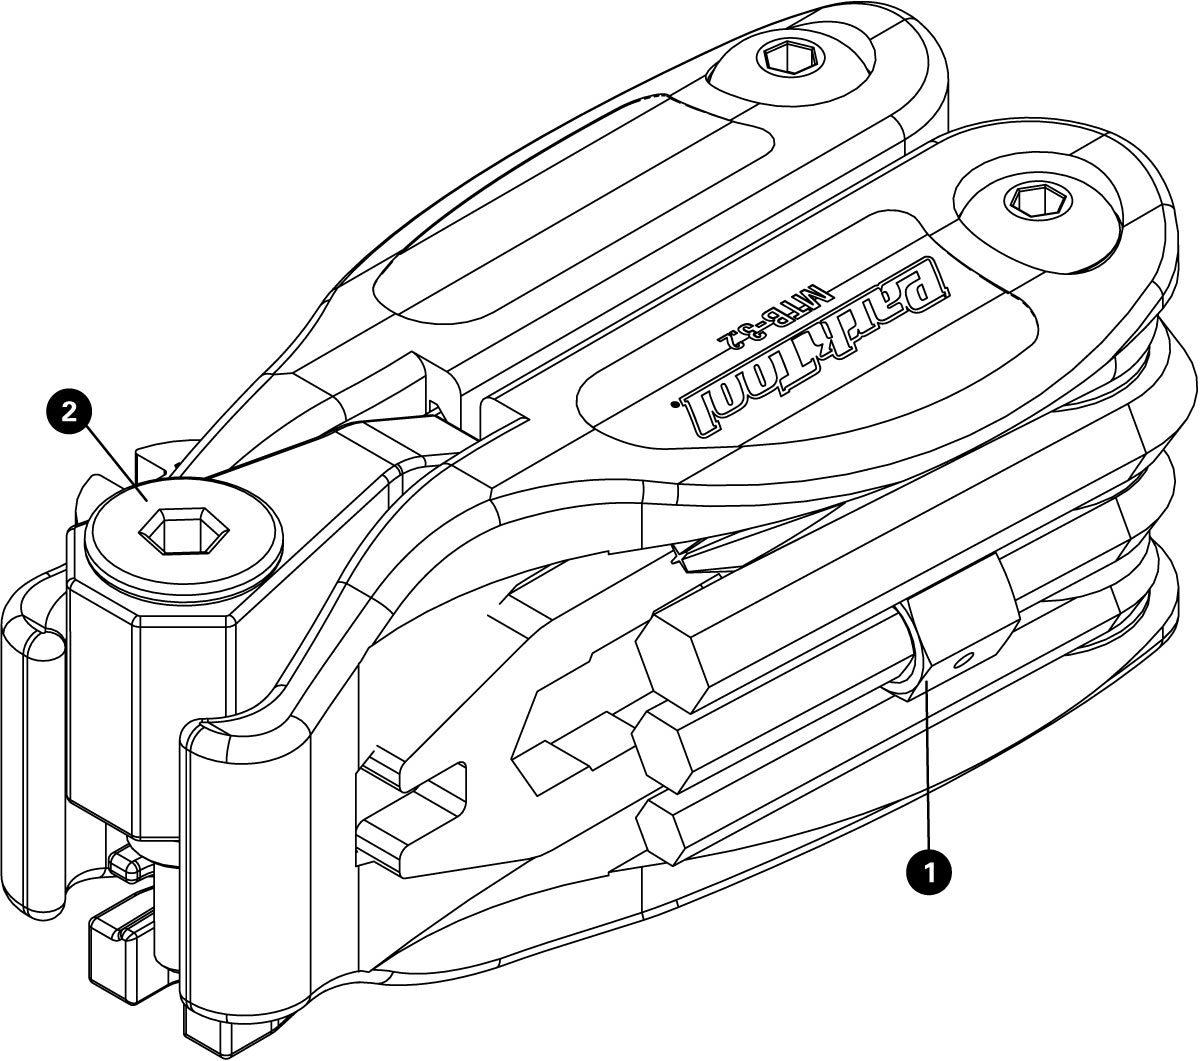 Parts diagram for MTB-3.2 Premium Rescue Tool, click to enlarge